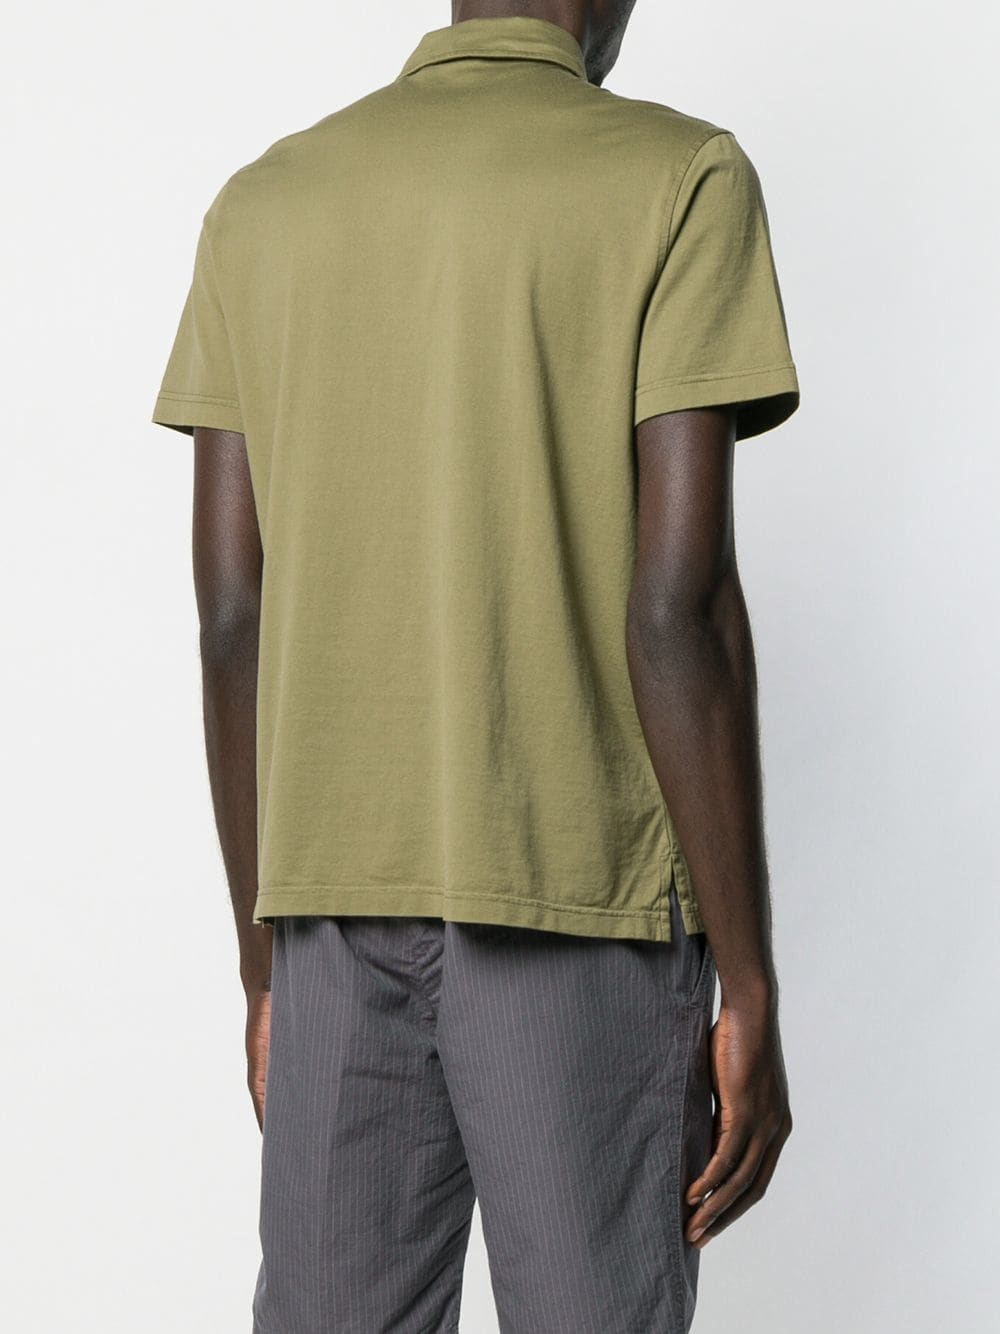 Green cotton polo featuring a classic collar ALBERTO ASPESI      AY15-243885395